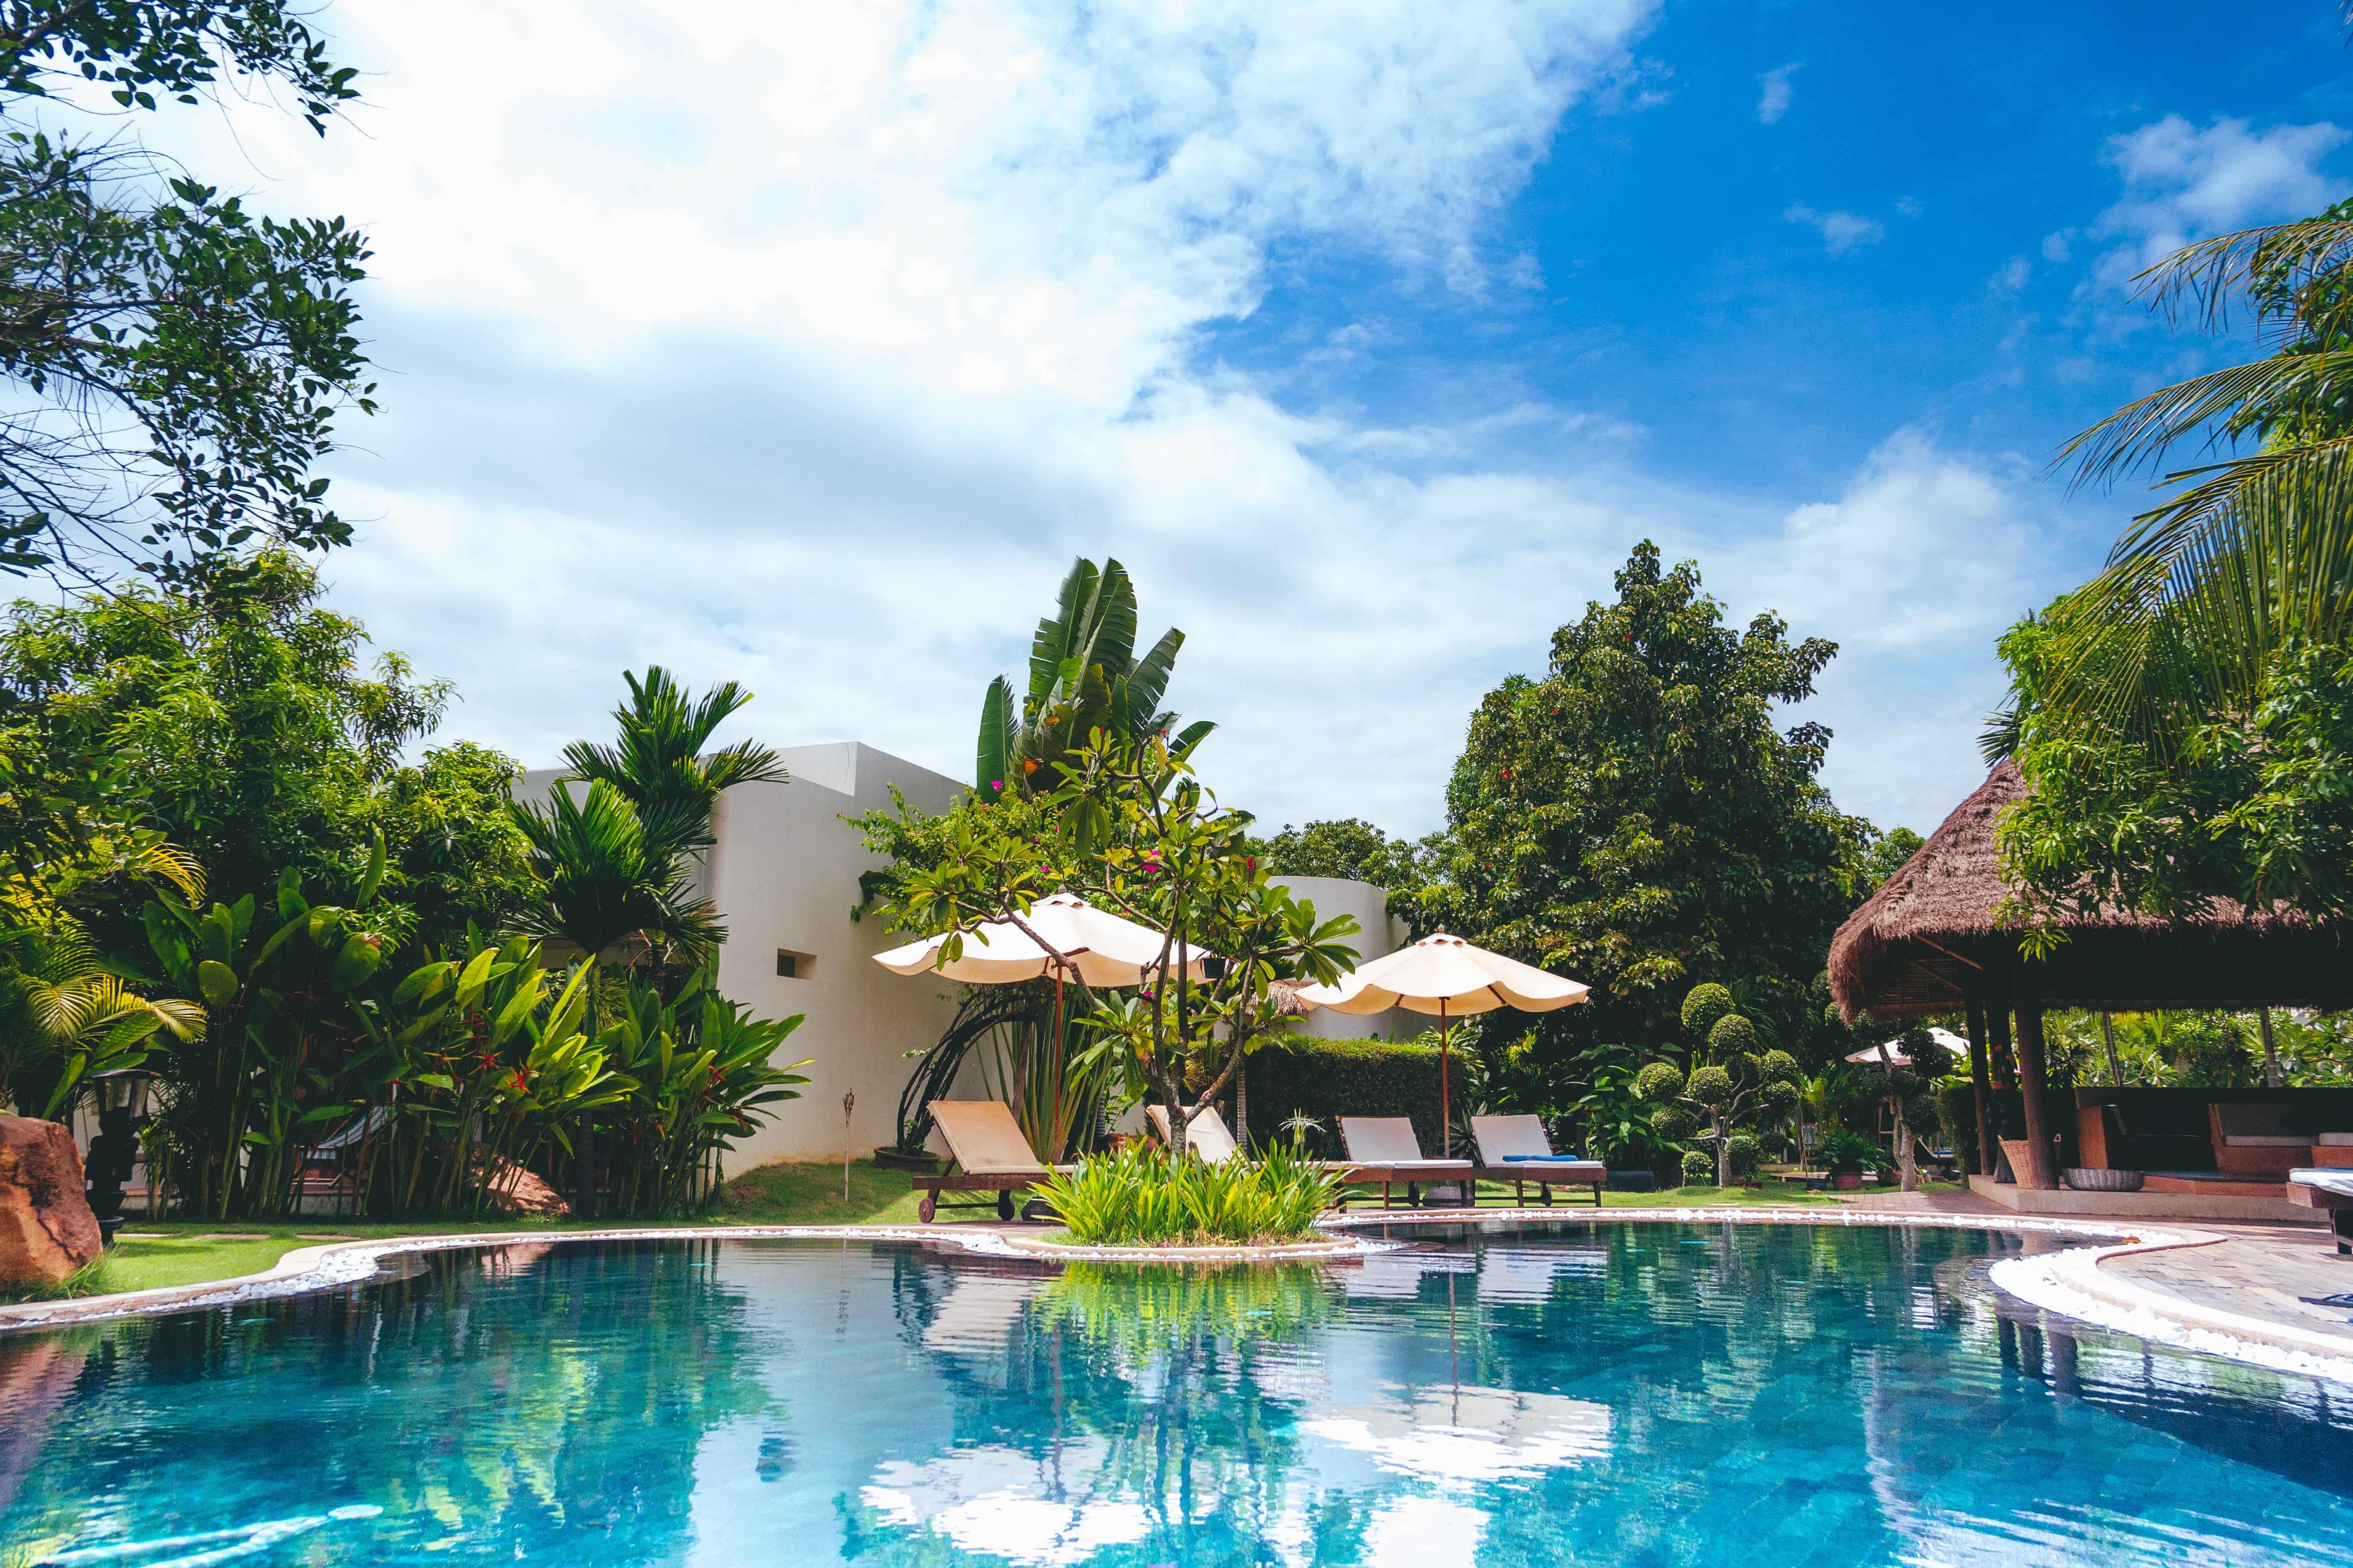 Une jolie piscine sous les tropiques